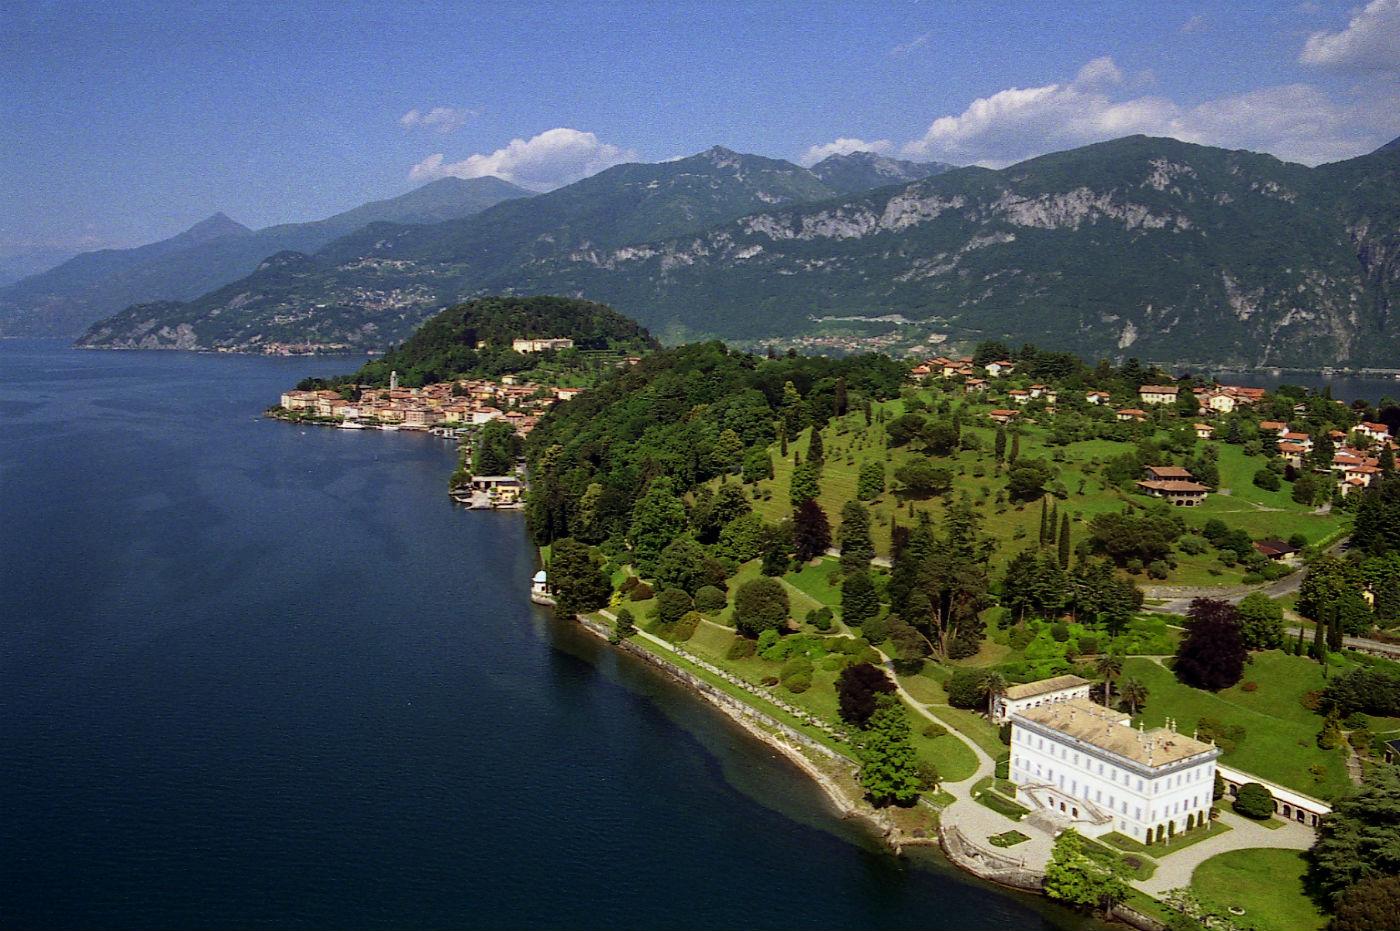 Office du tourisme promo bellagio la perle du lac - Brunico italie office du tourisme ...